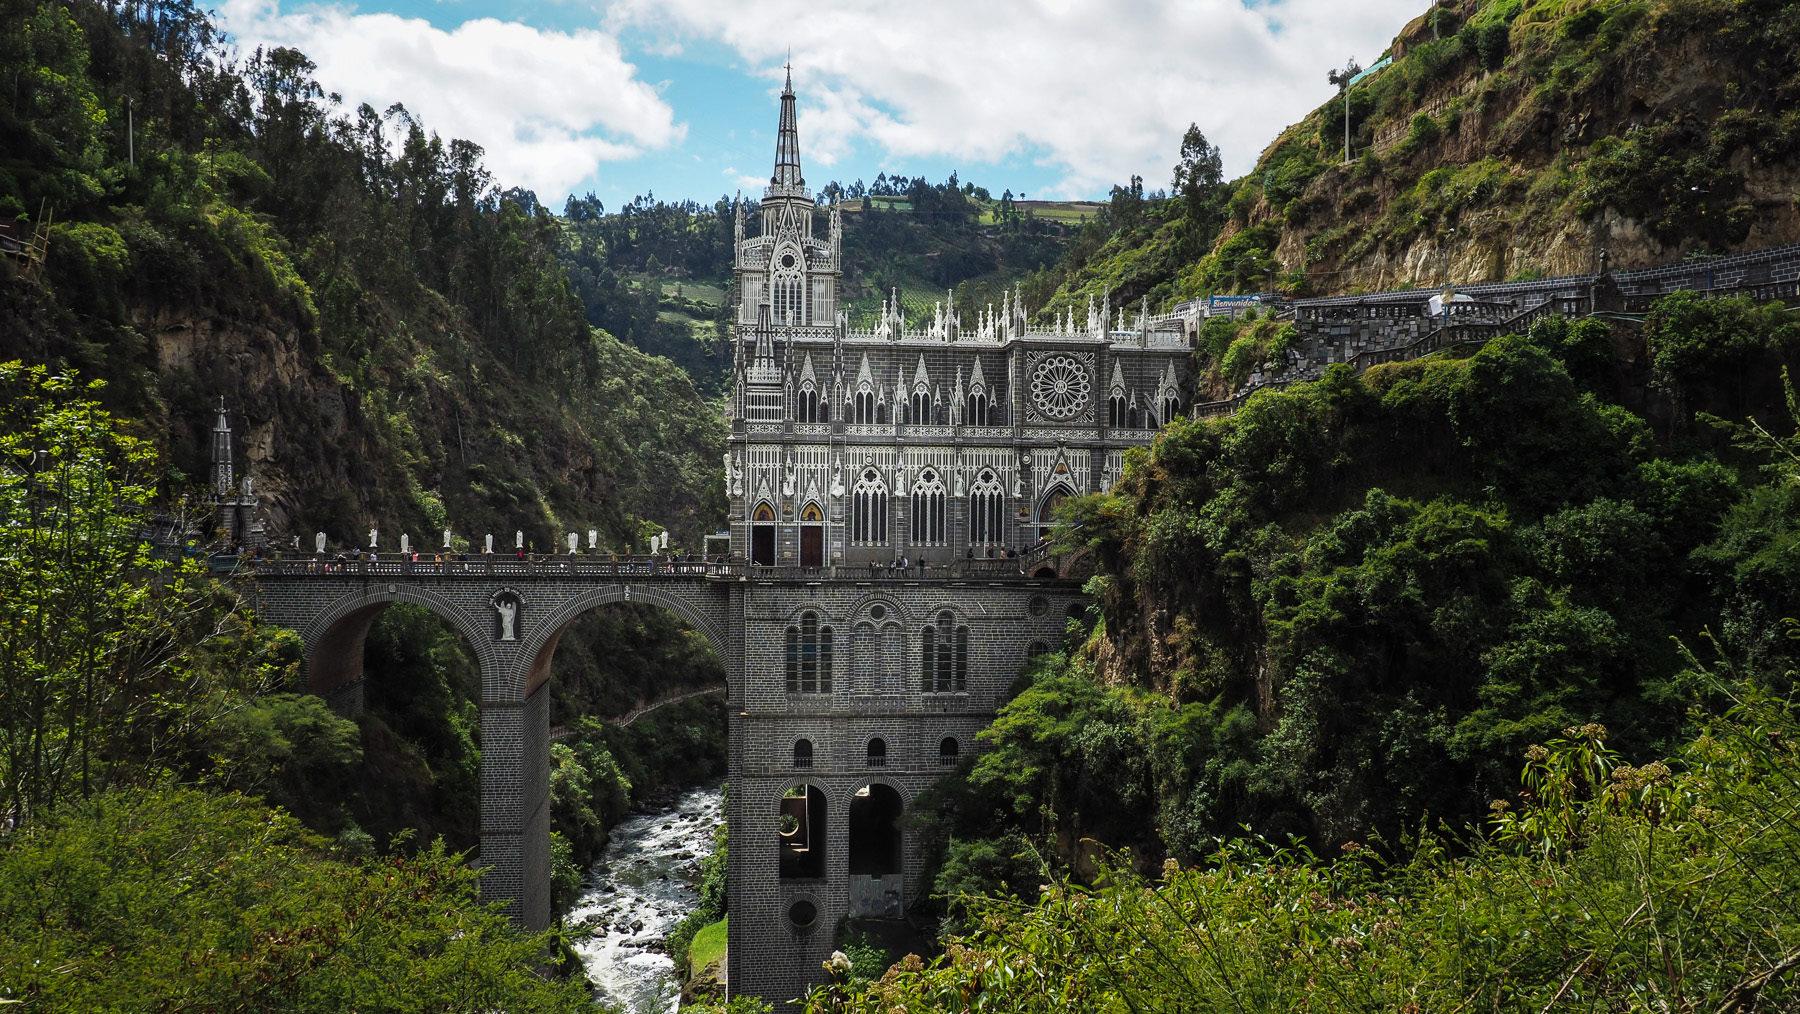 Santuario de las Lajas – Wallfahrtskirche direkt in eine steile Schlucht gebaut